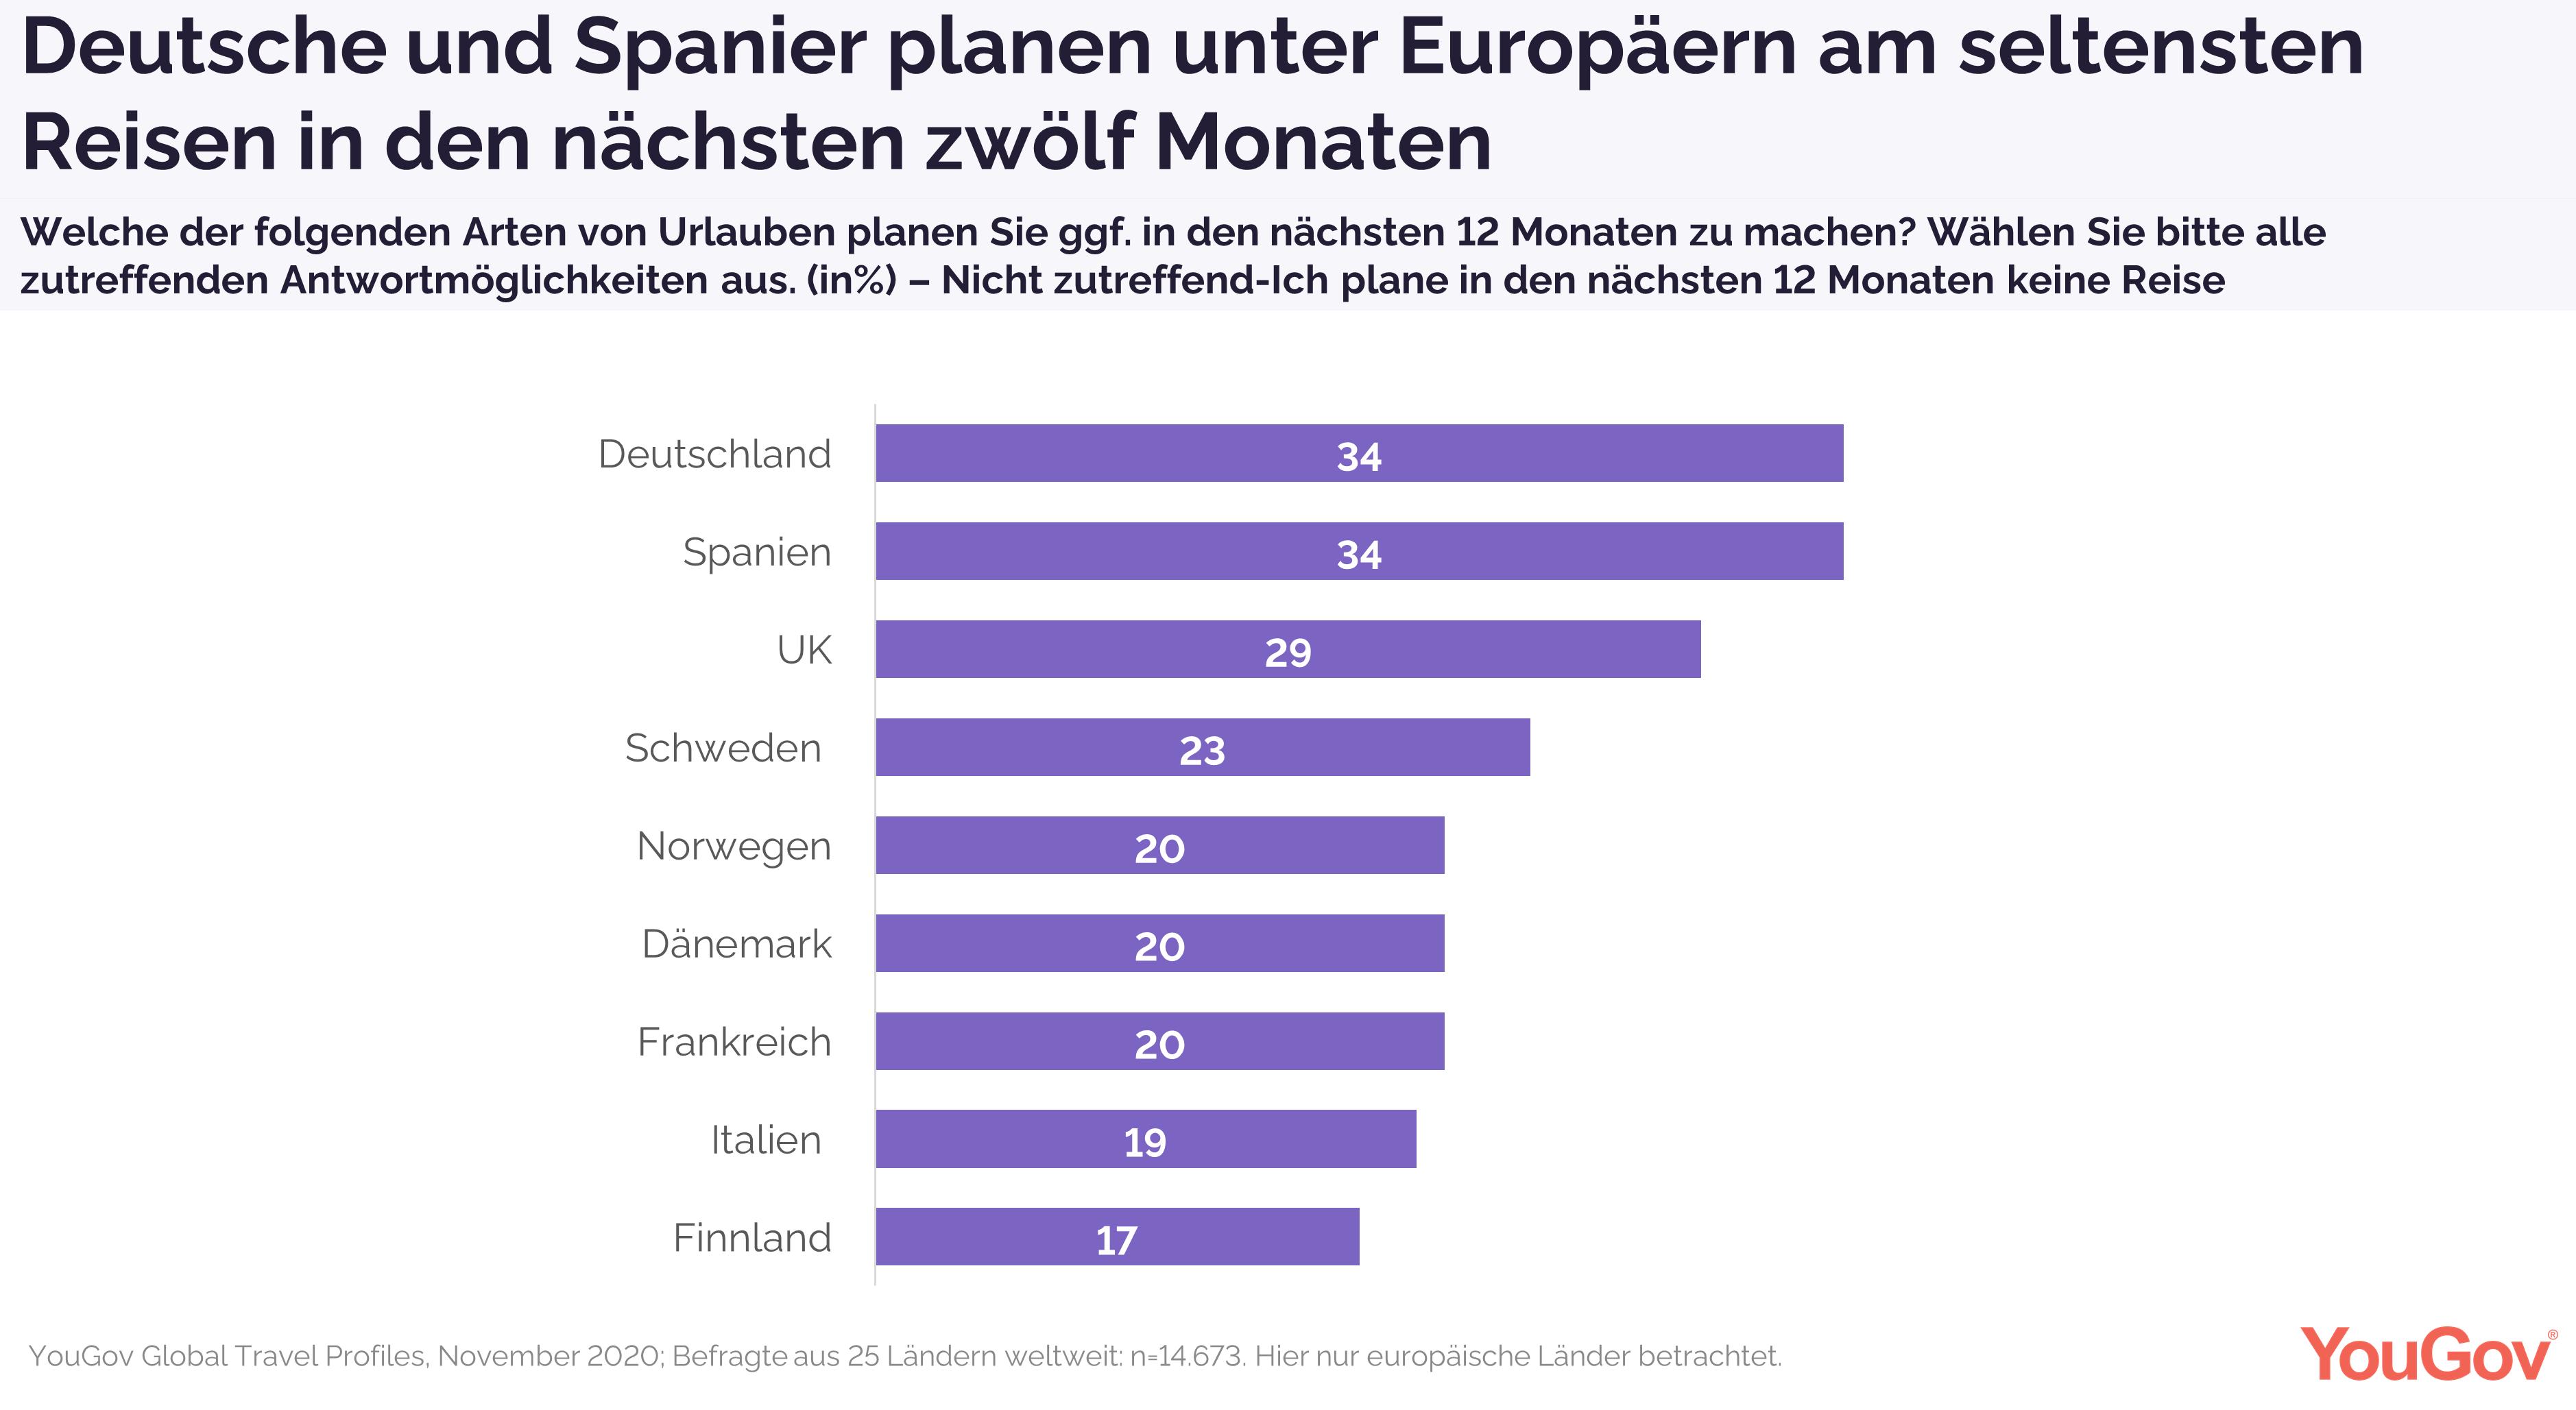 Deutsche und Spanier planen am seltensten Reisen